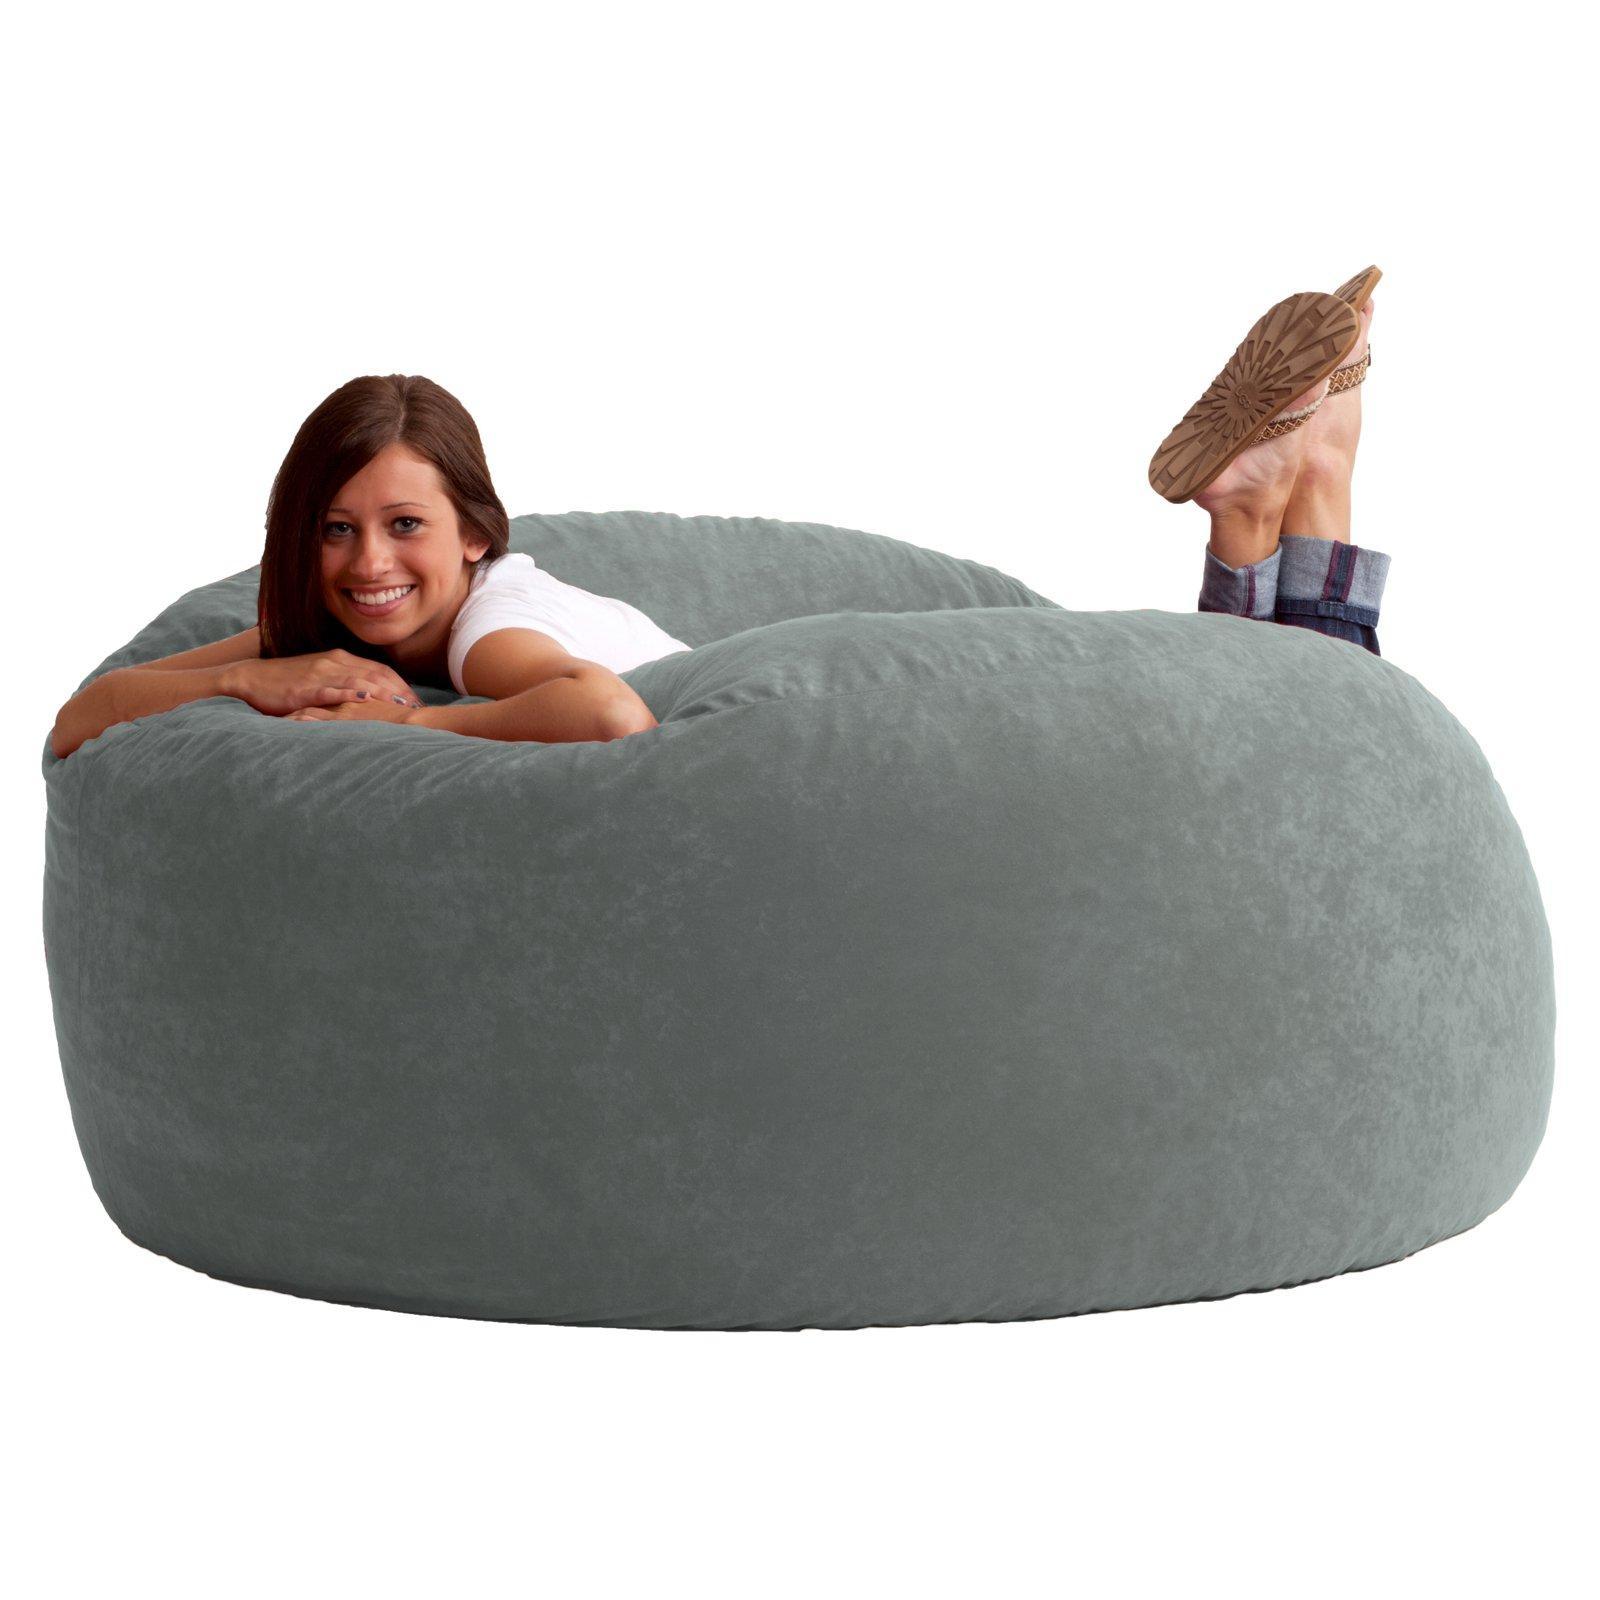 big joe chairs at walmart milo baughman chair 20 top bean bag sofa   ideas